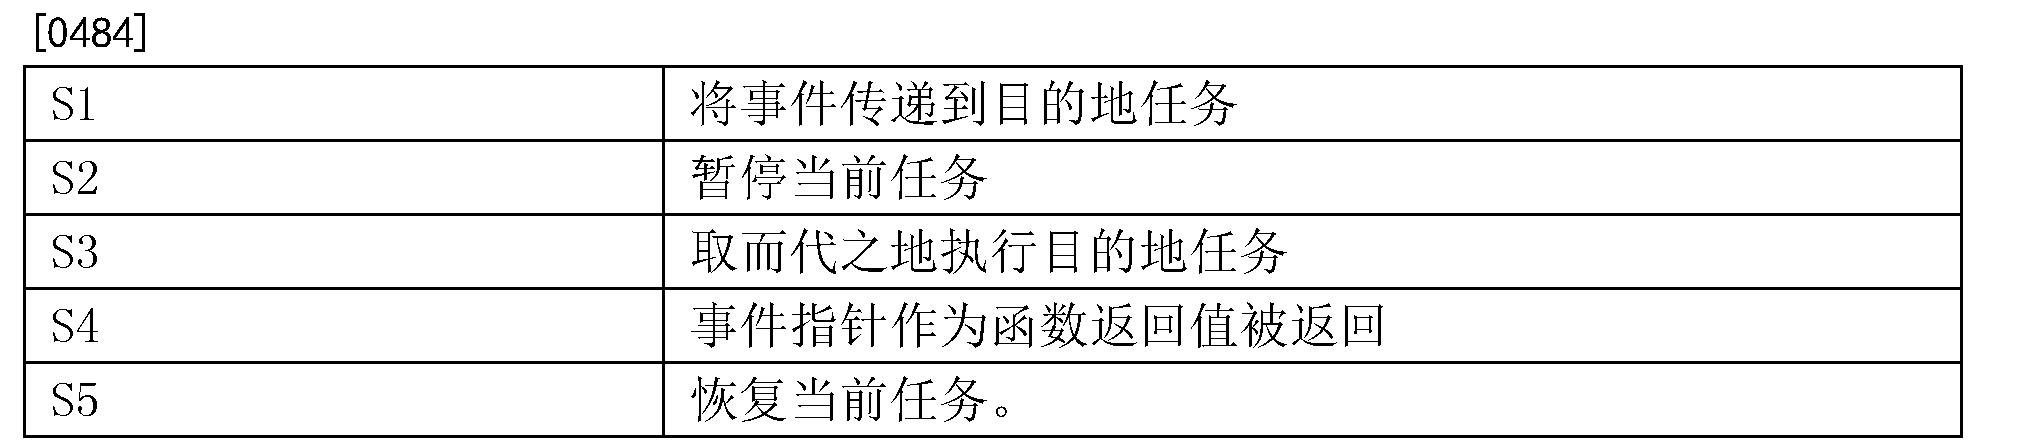 Figure CN104011701BD00492